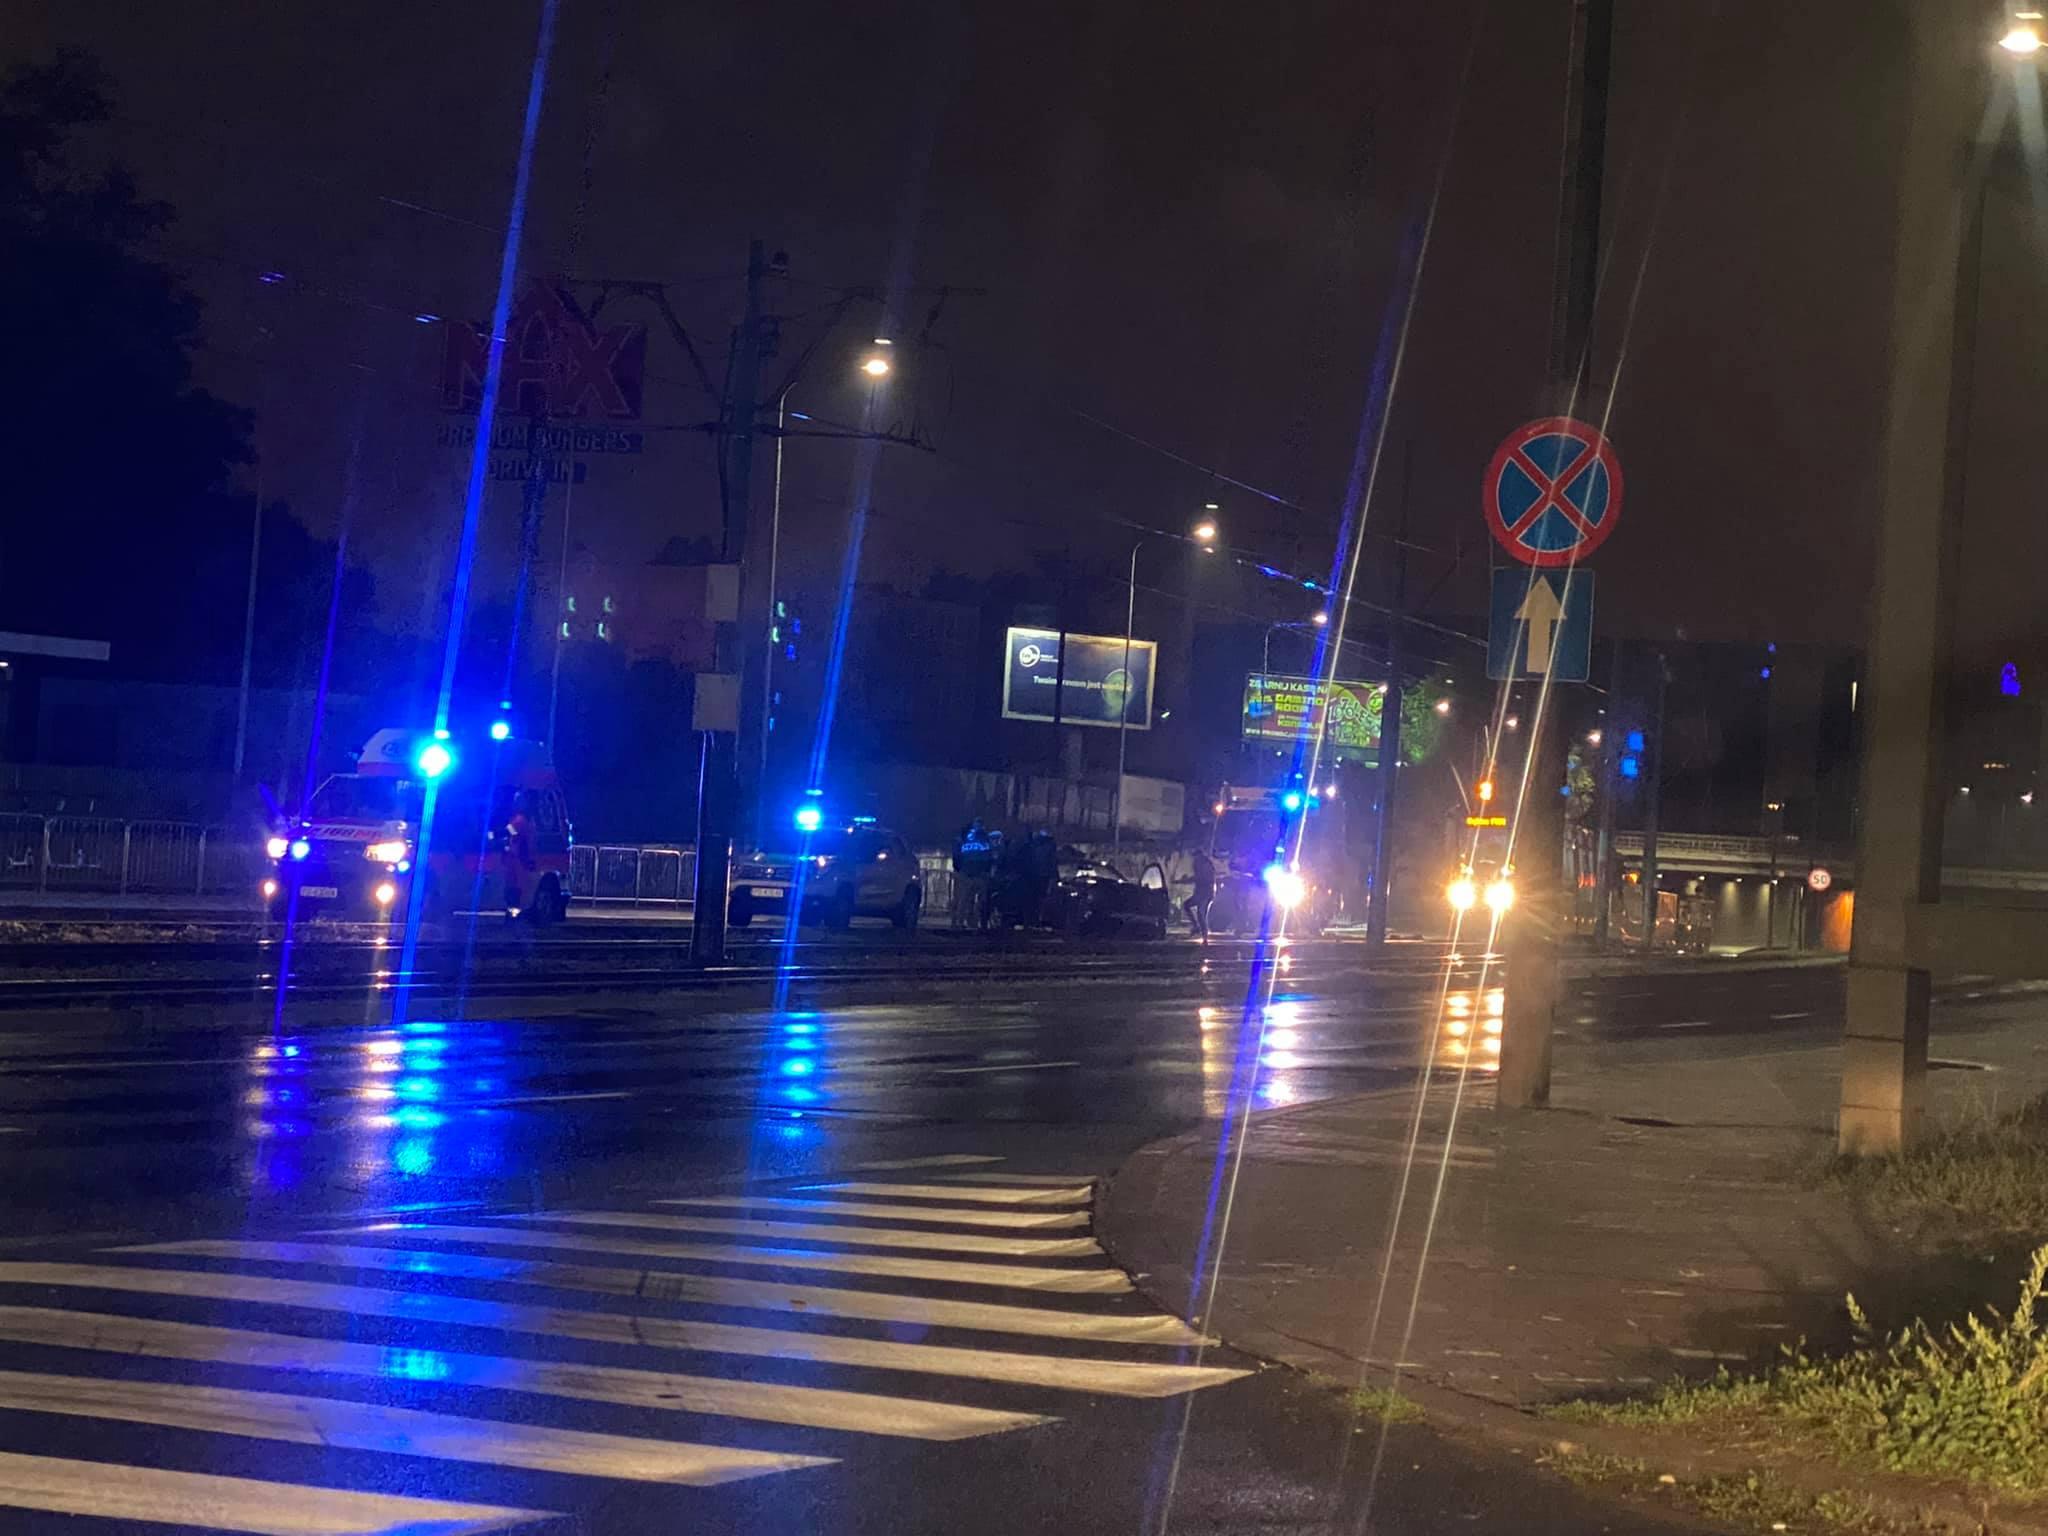 Samochód uderzył w bariery i wpadł na torowisko – utrudnienia na ul. Hetmańskiej